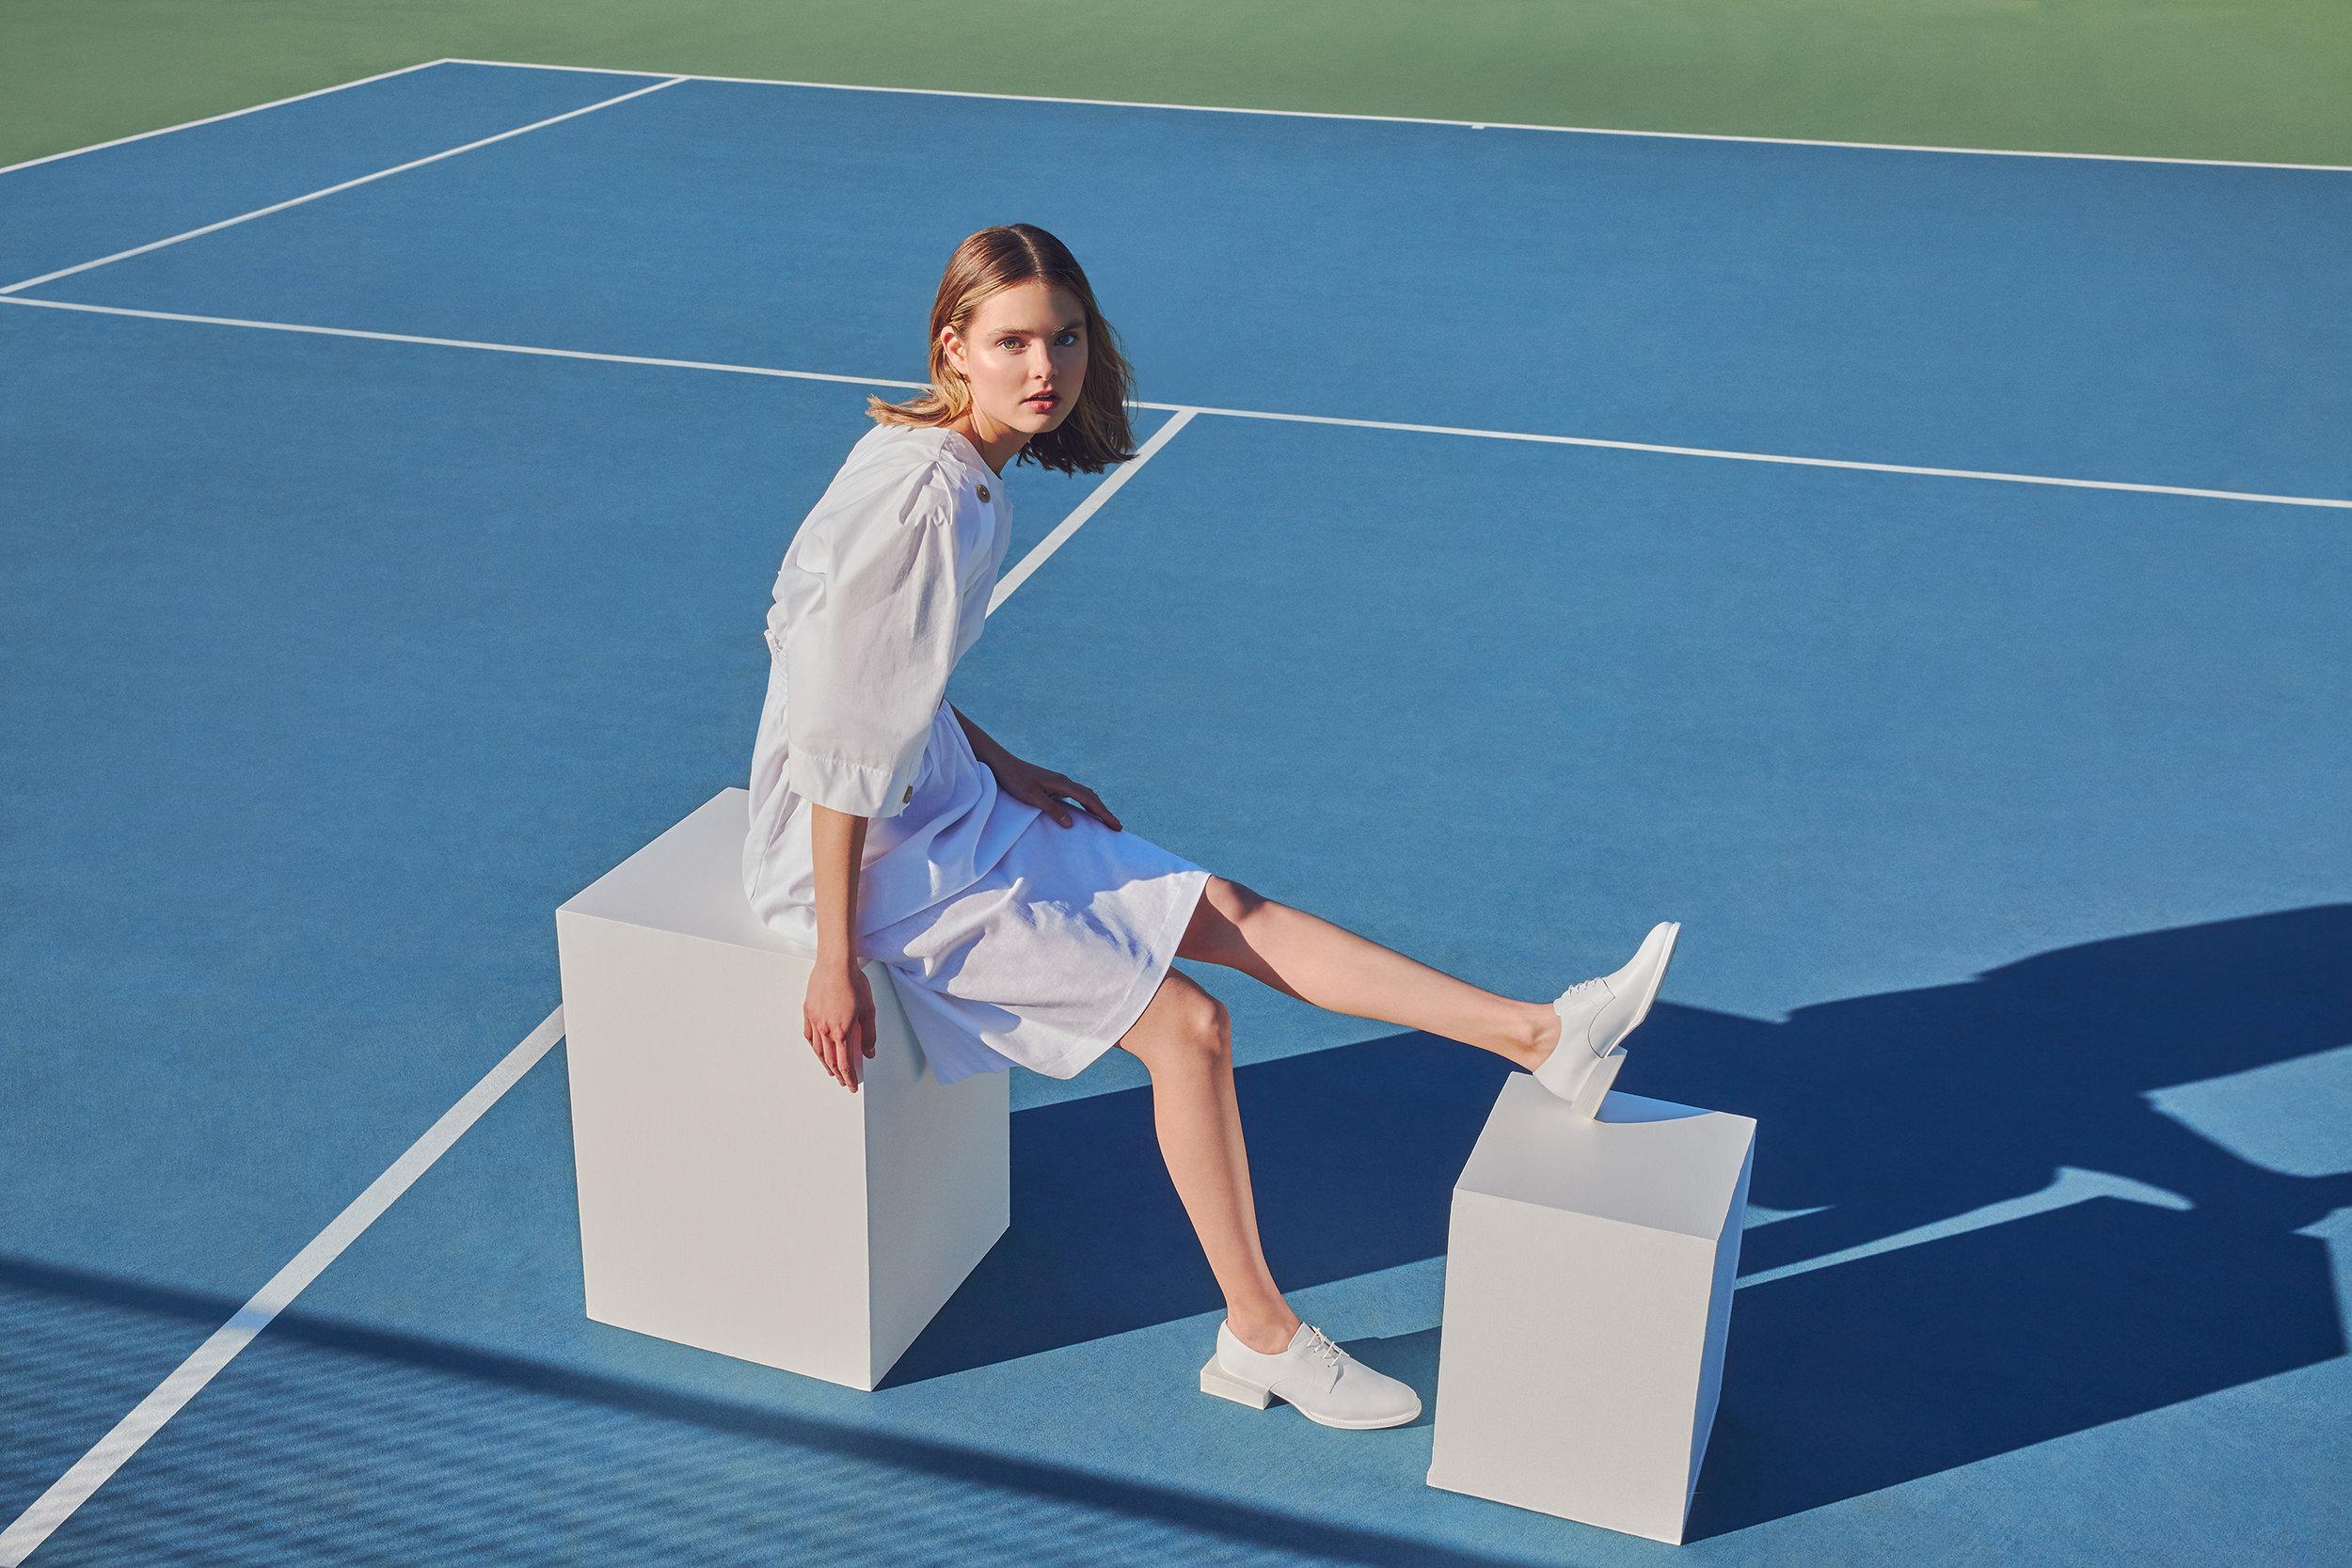 18_TennisCourtShoot_0527.jpg